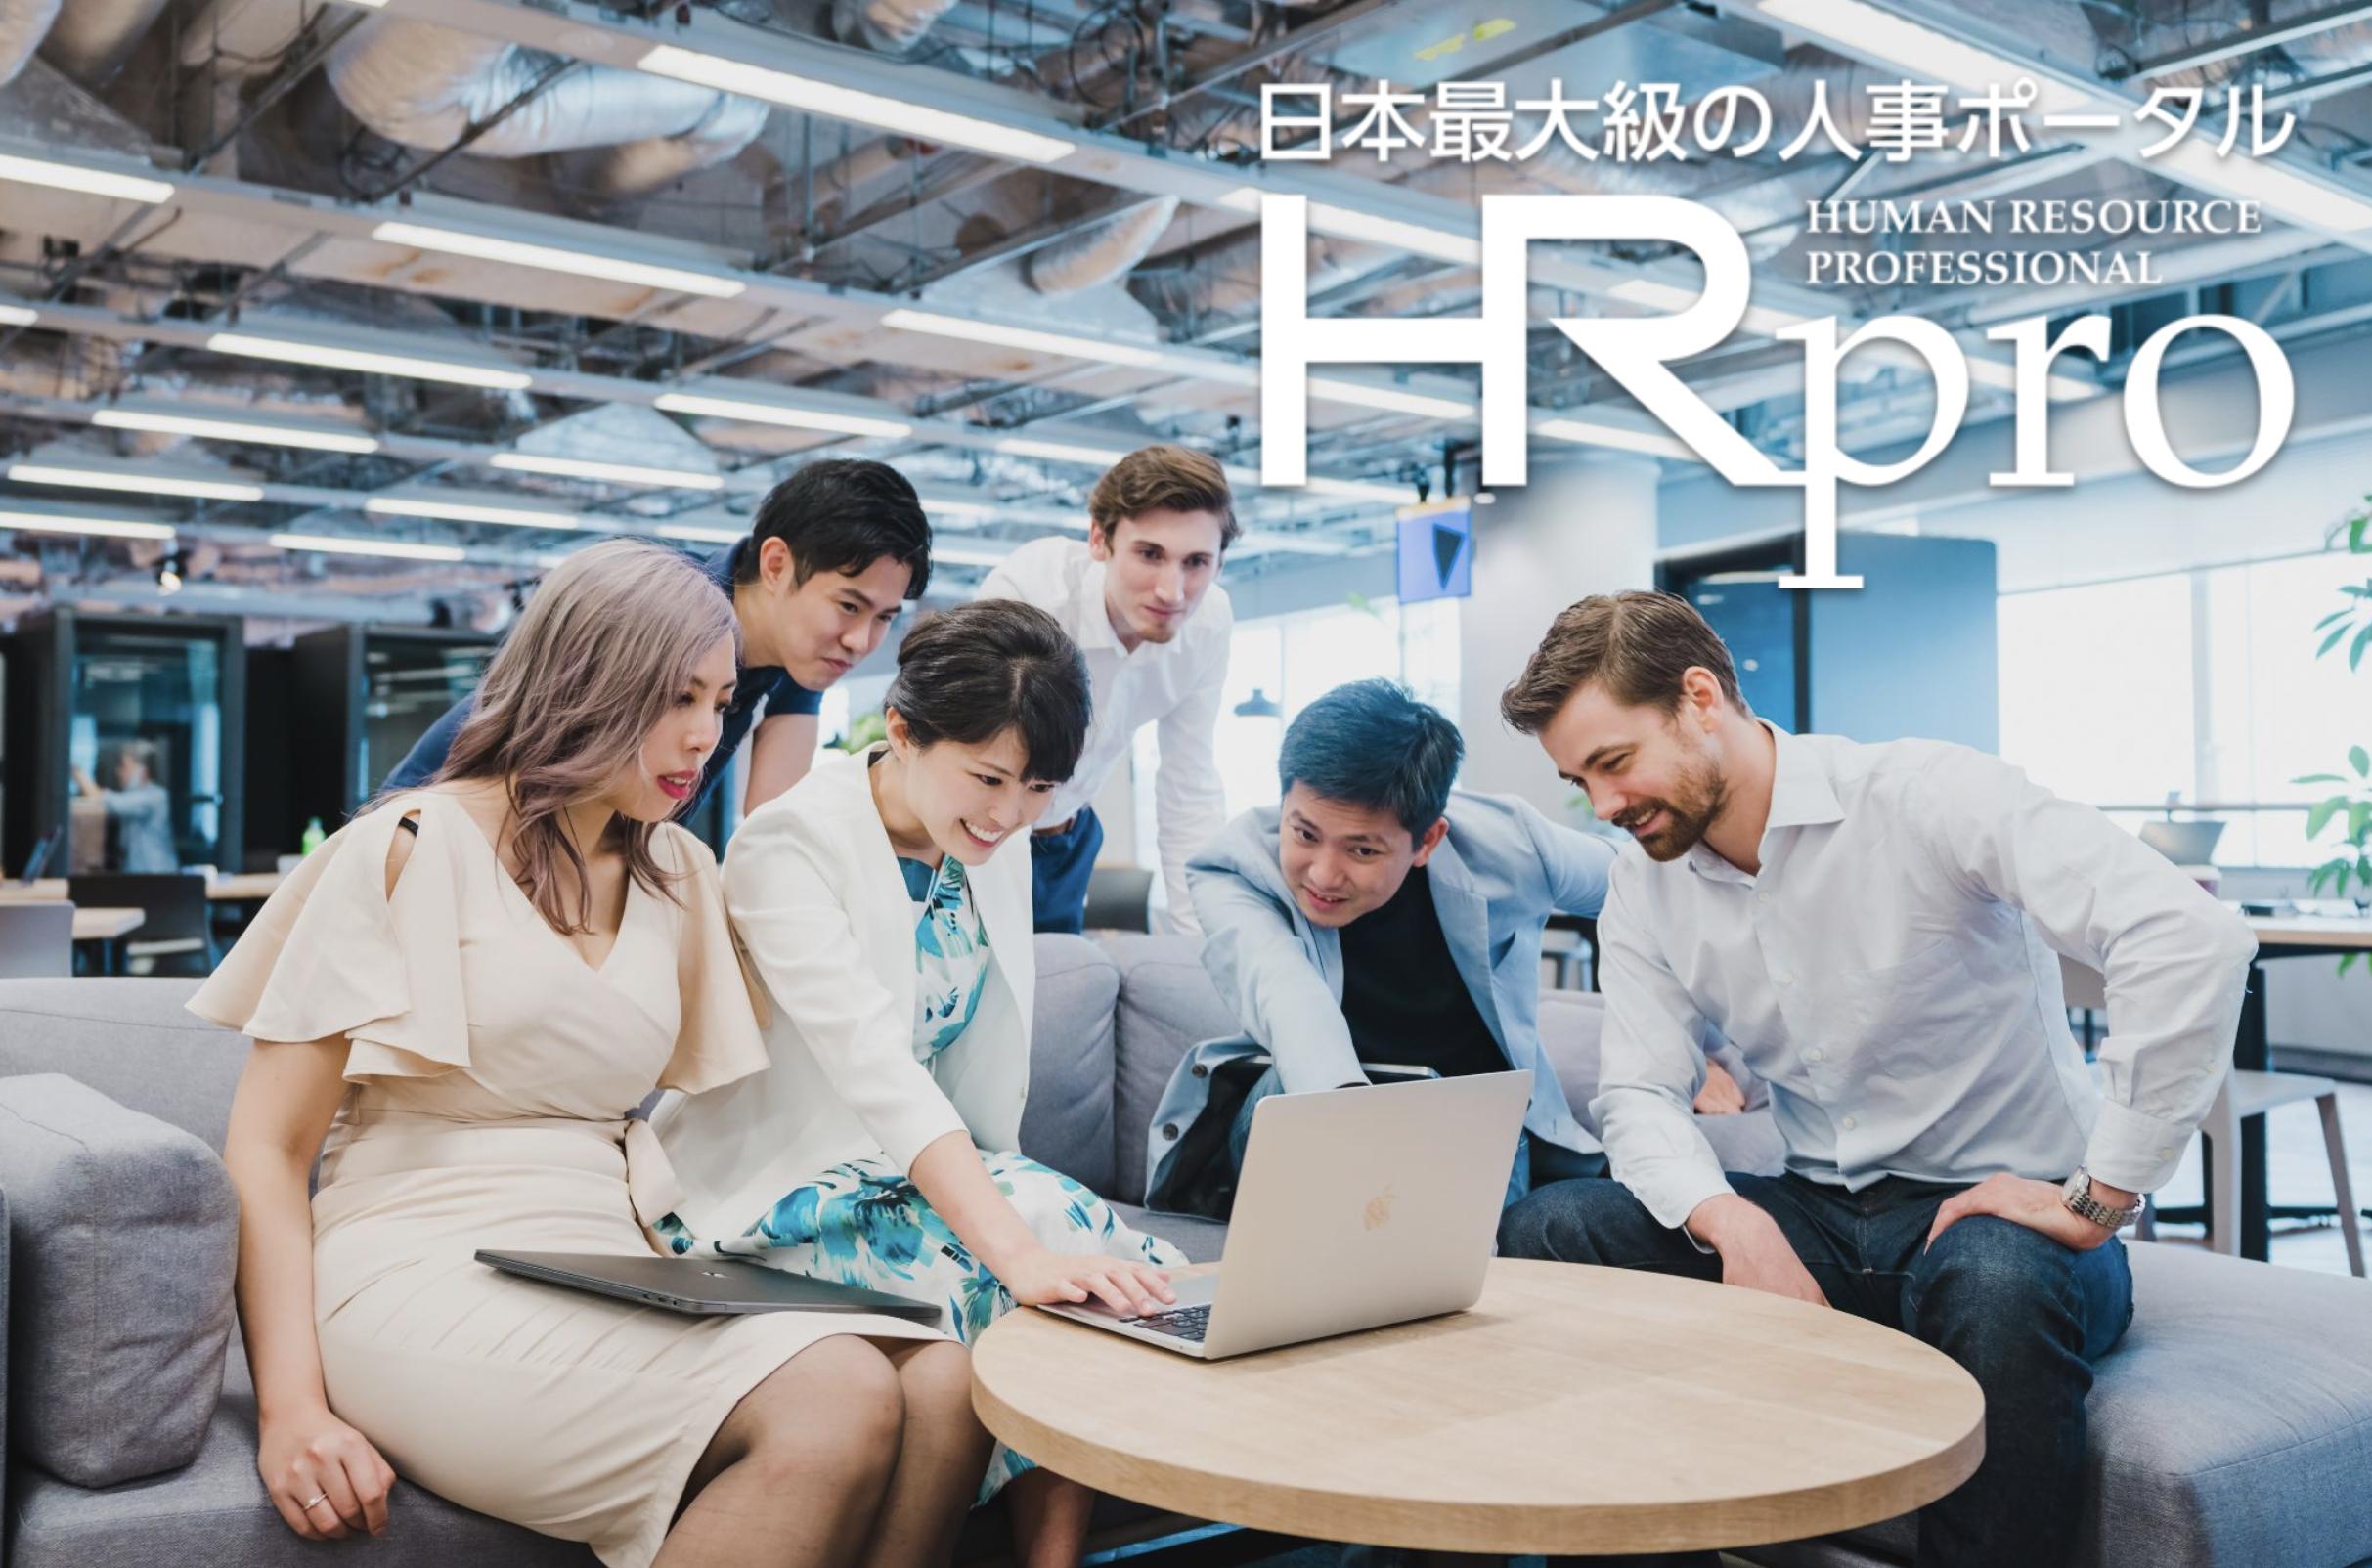 パナリット株式会社、日本最大級の人事ポータルメディア「HRプロ」にピープル・アナリティクスについてのコンテンツを提供開始